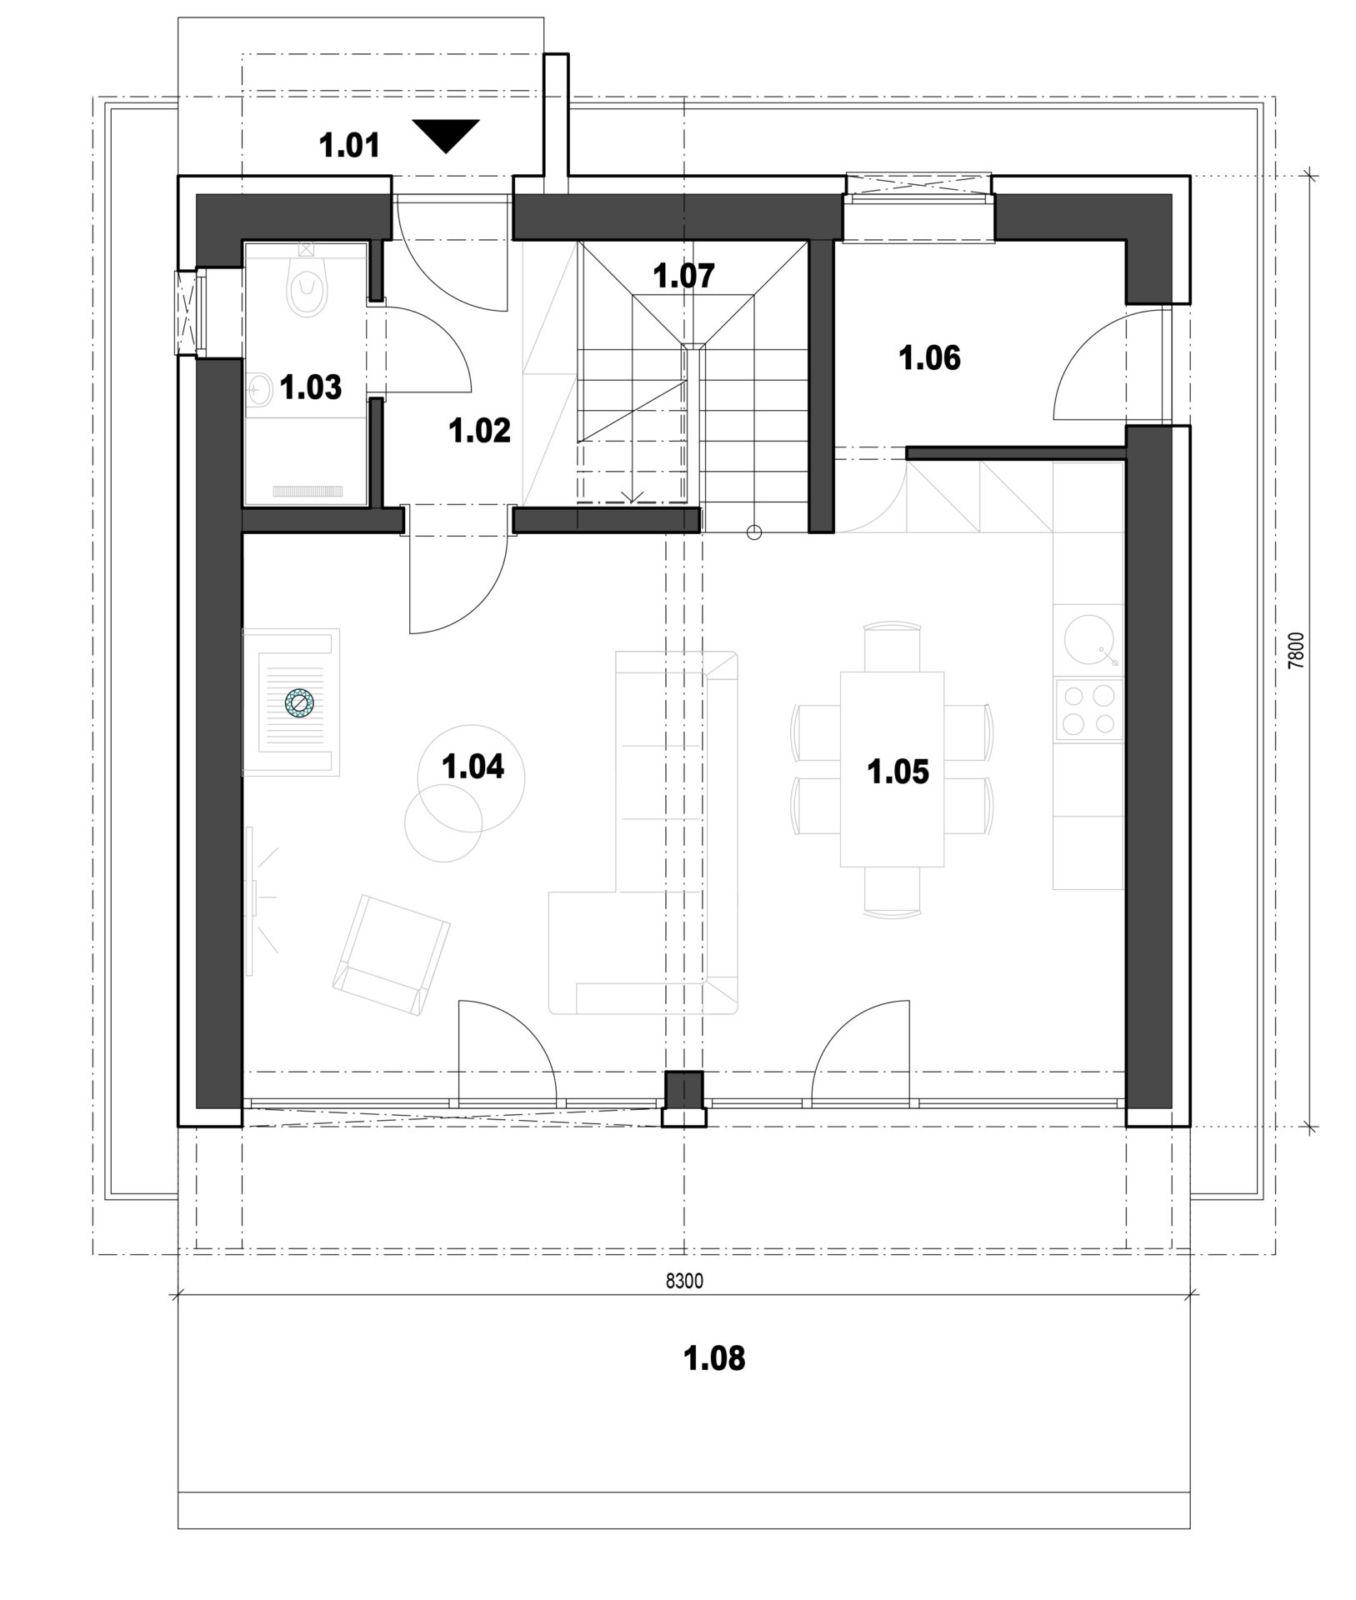 Rodinný dom 6 1. nadzemné podlažie pôdorys